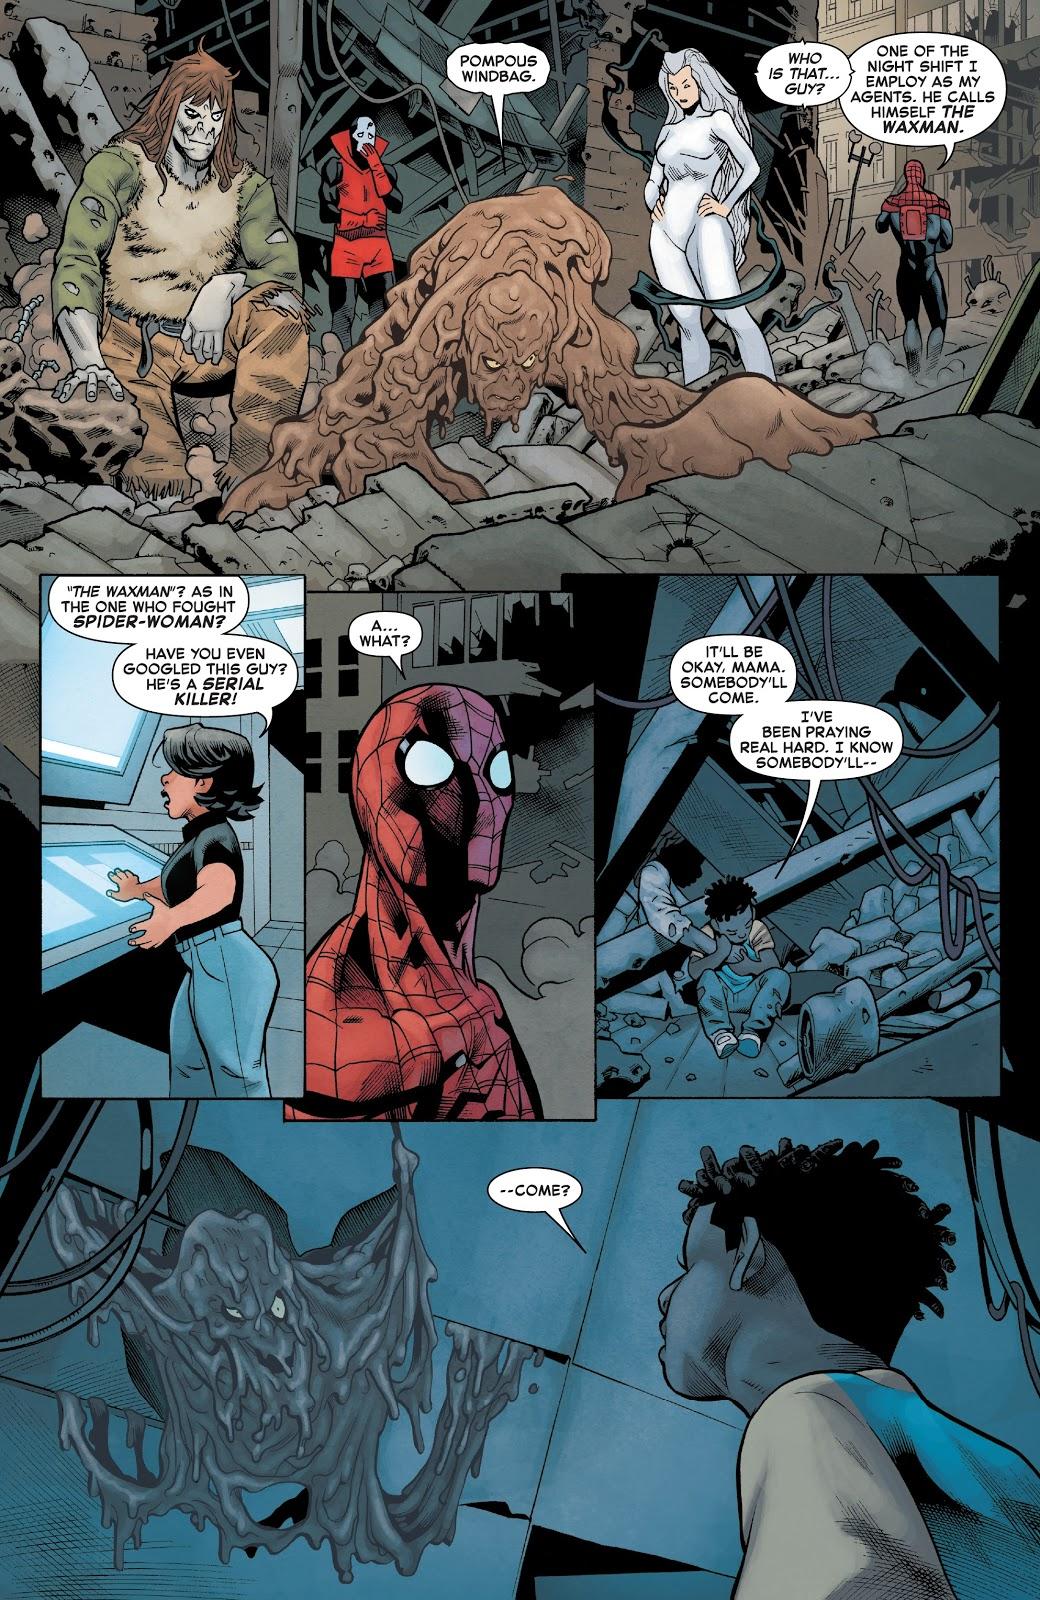 Superior Spider-Man VS Waxman